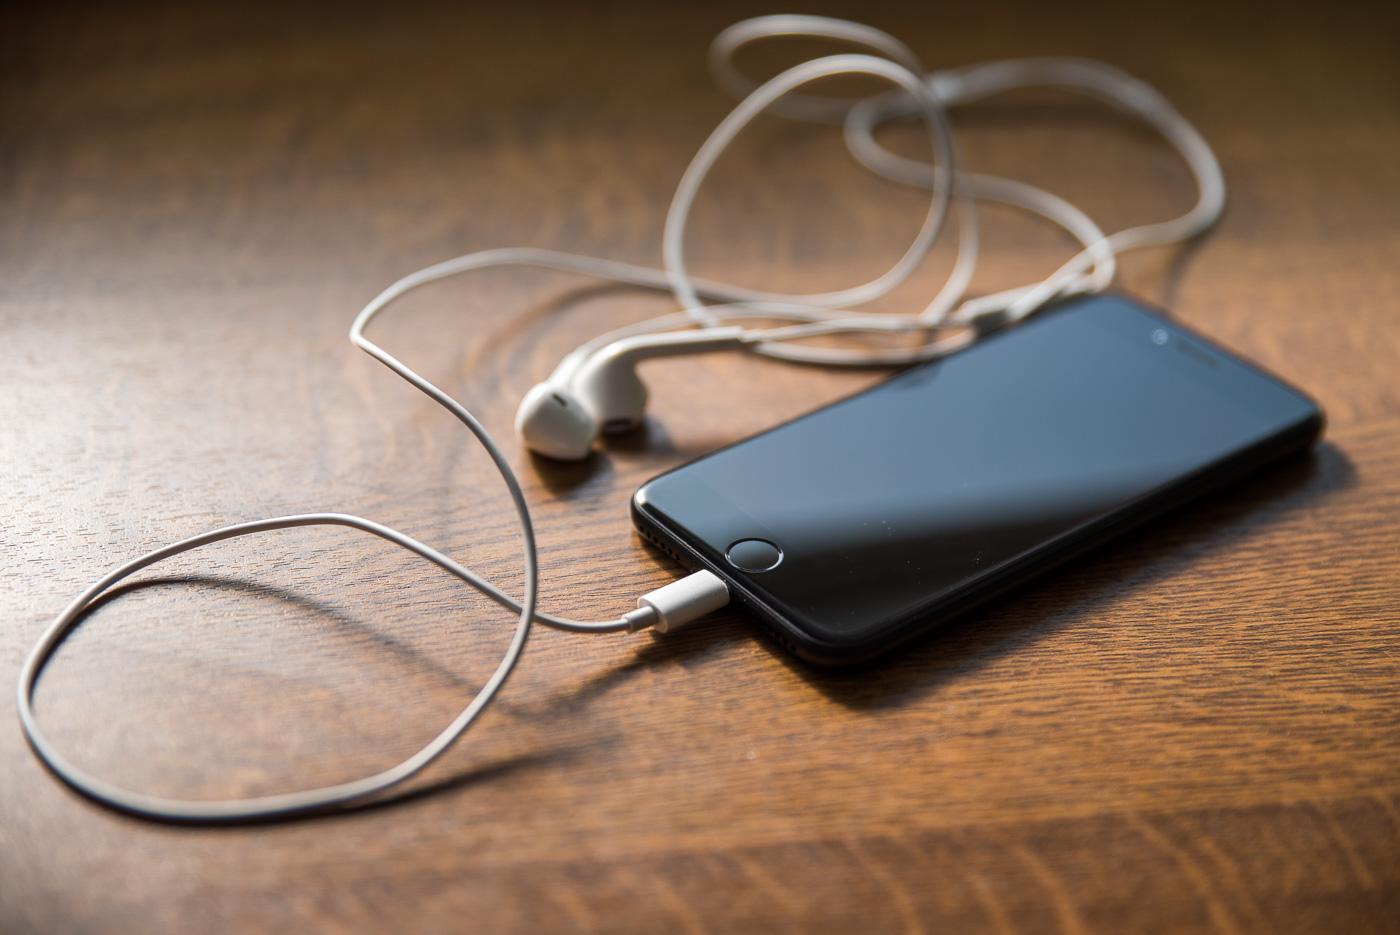 To nie brak minijacka w iPhonie 7 jest problemem, tylko brak jednego małego adaptera